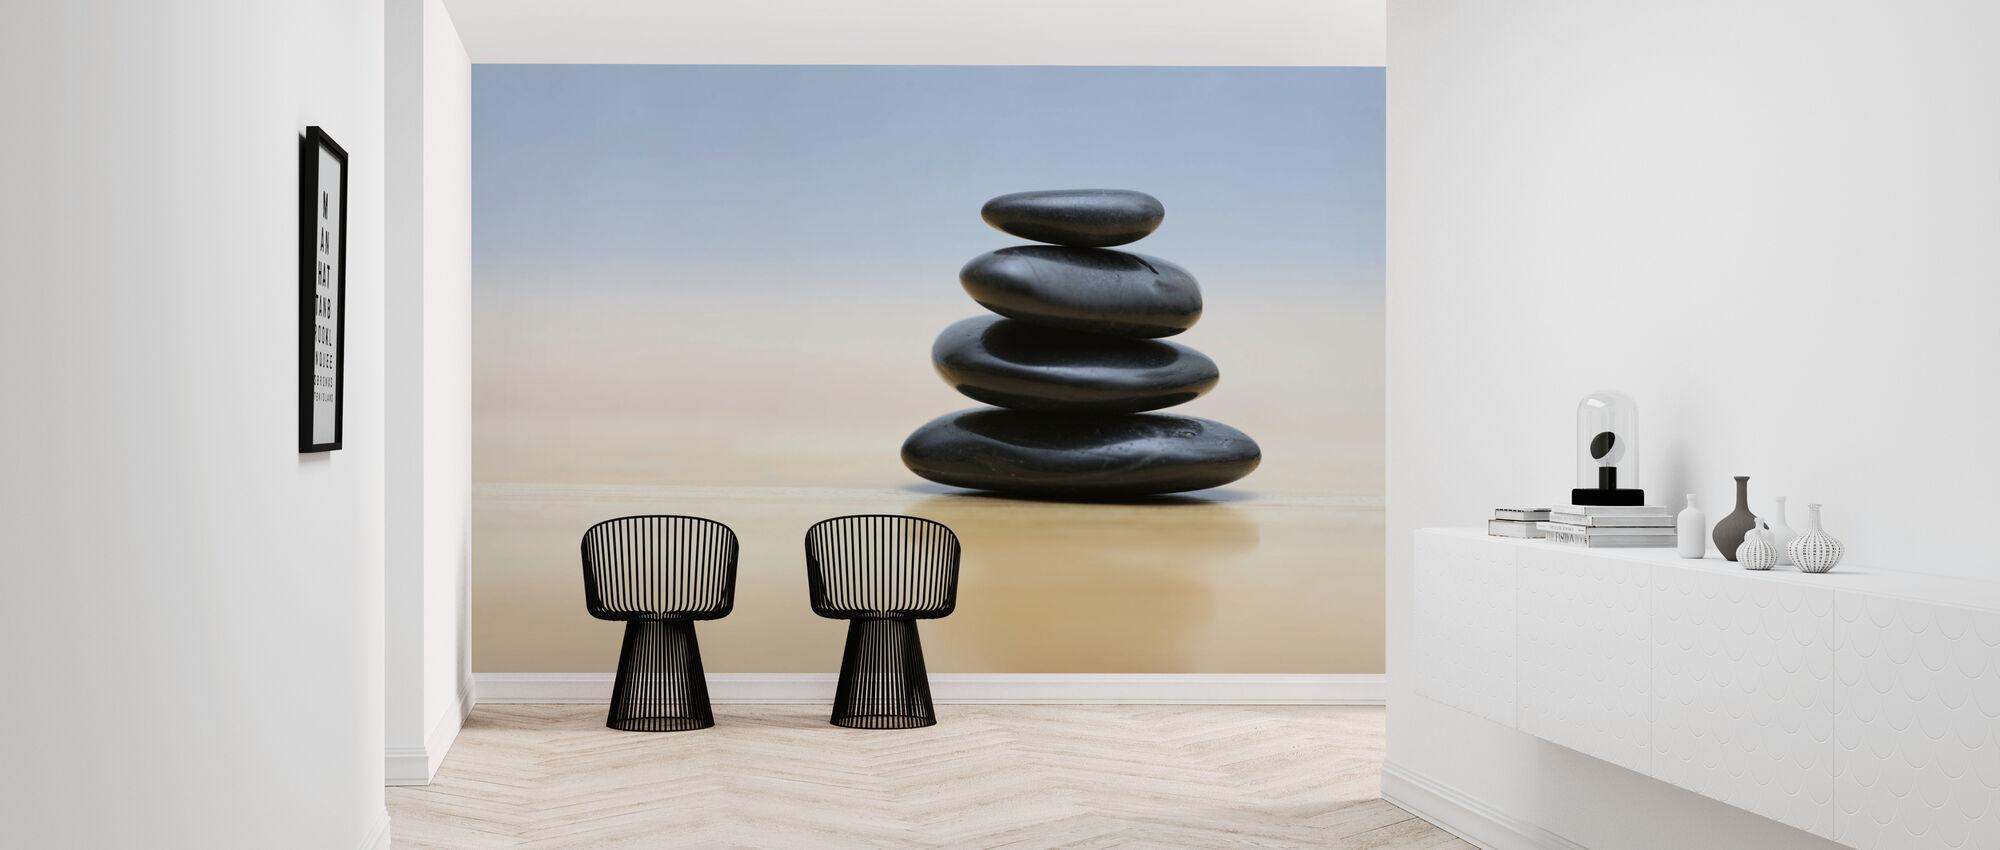 Zen Stones - Wallpaper - Hallway